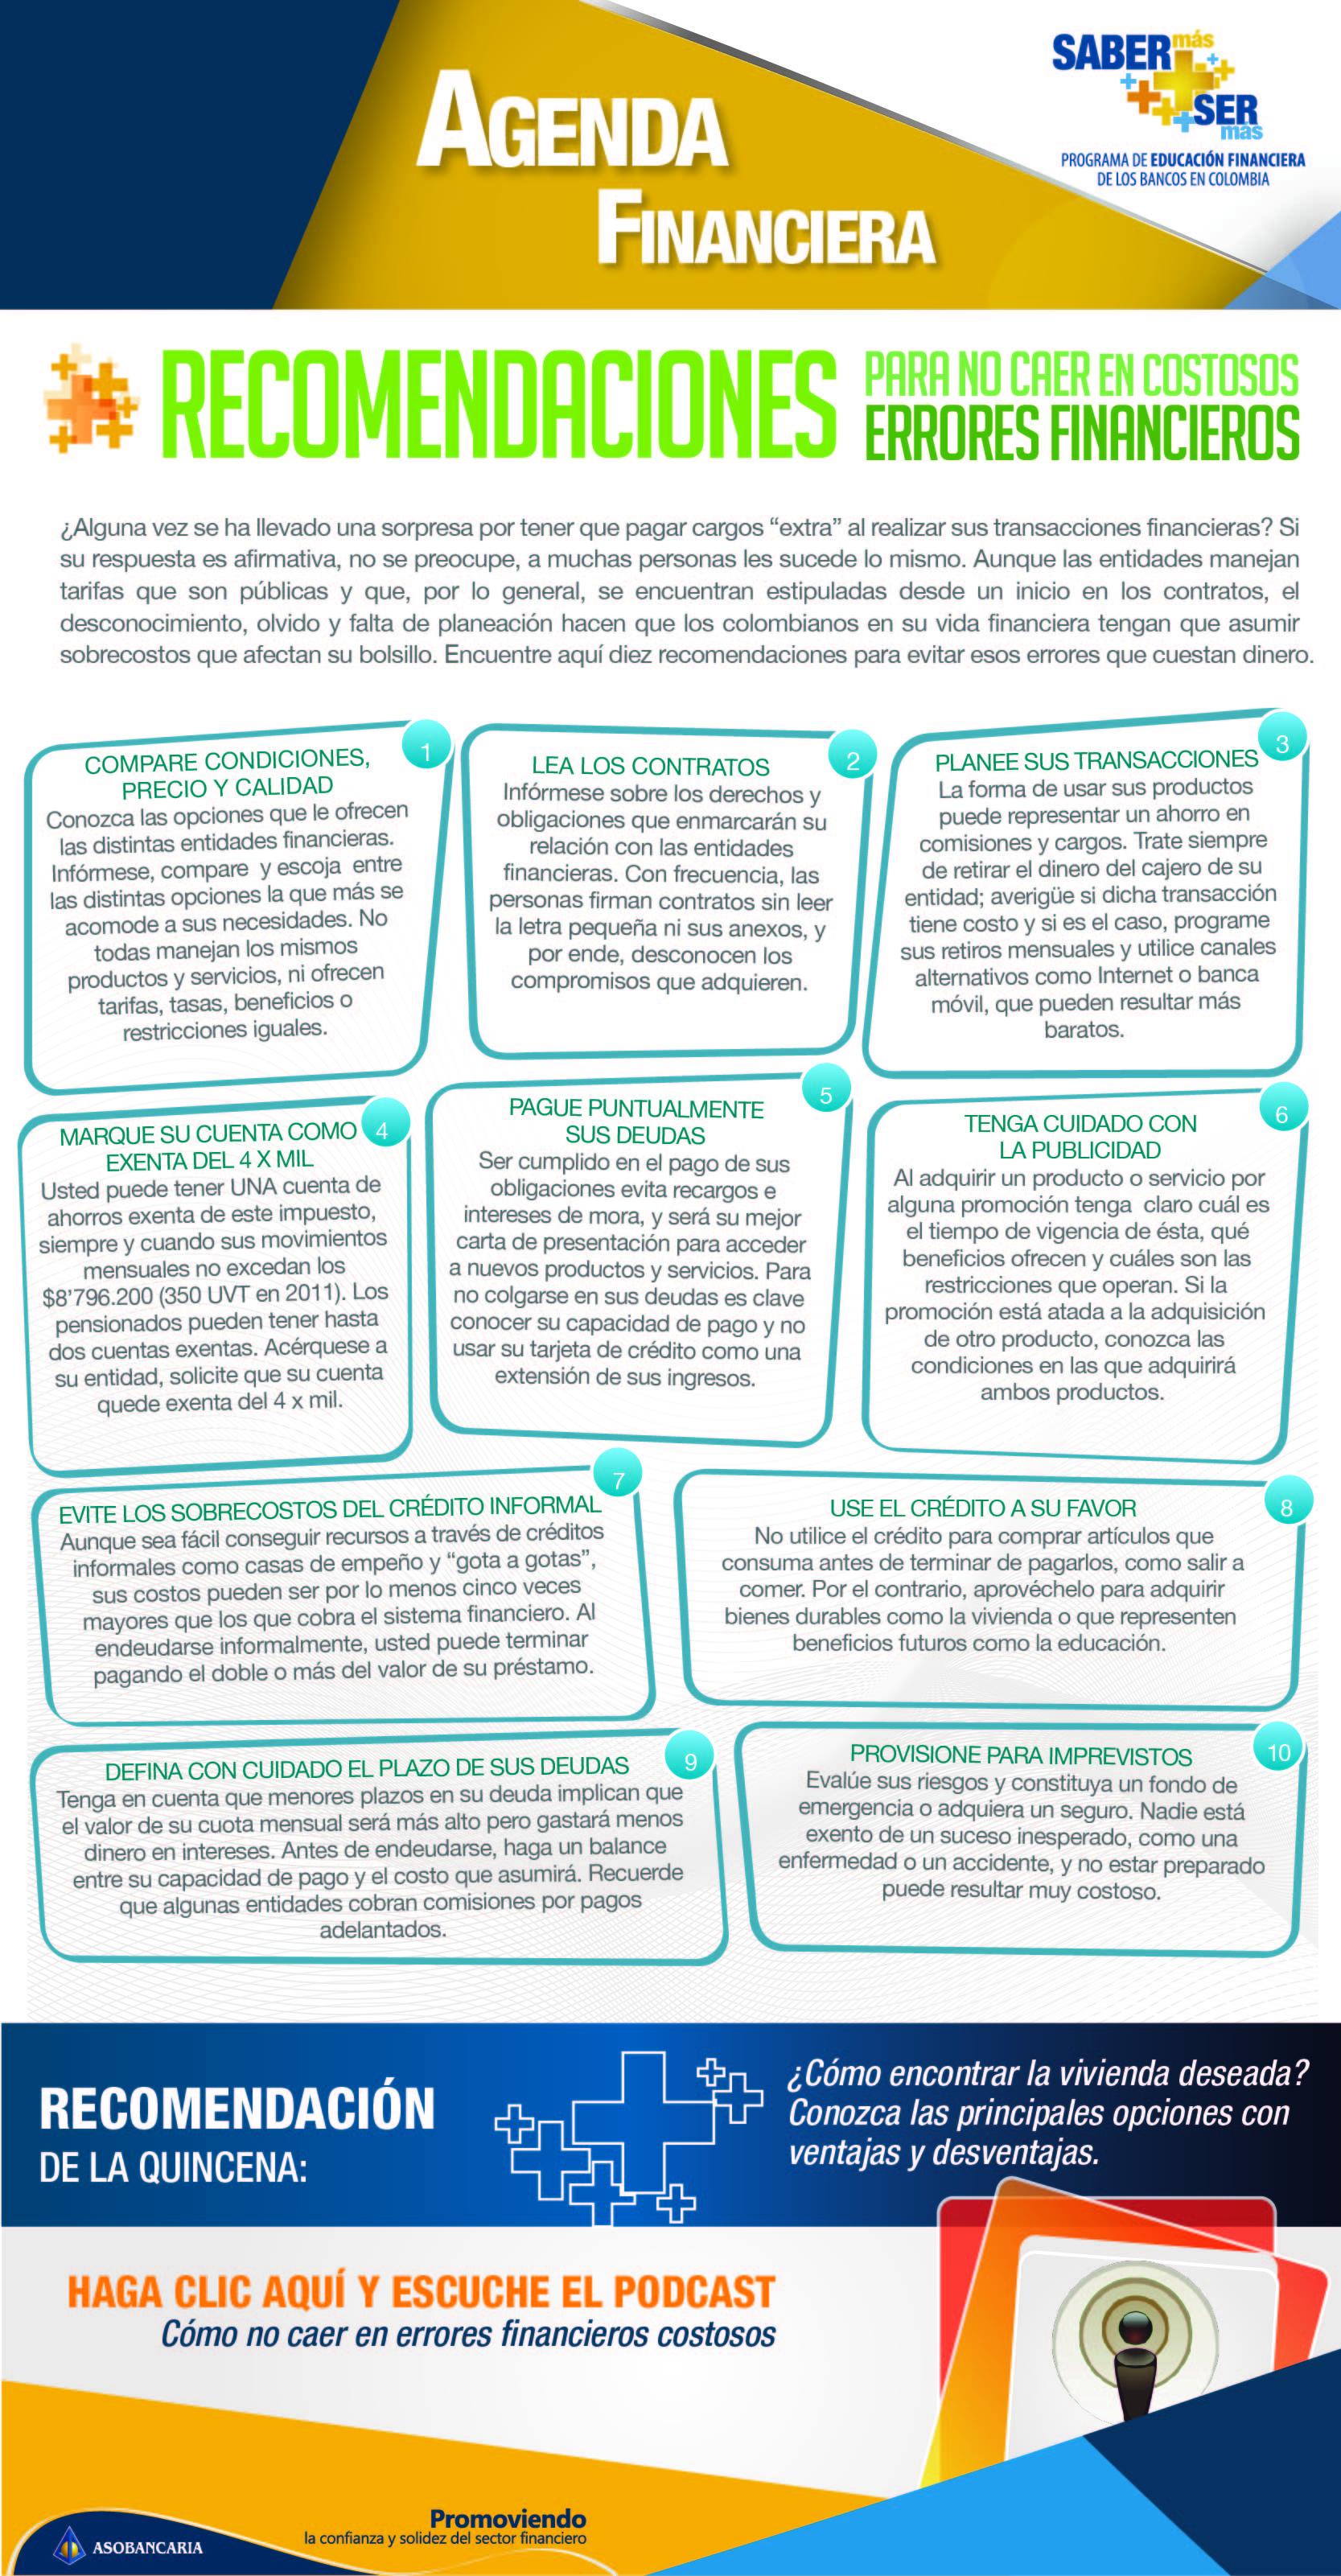 Boletin 5 -  Recomendaciones para no caer en costosos errores financieros